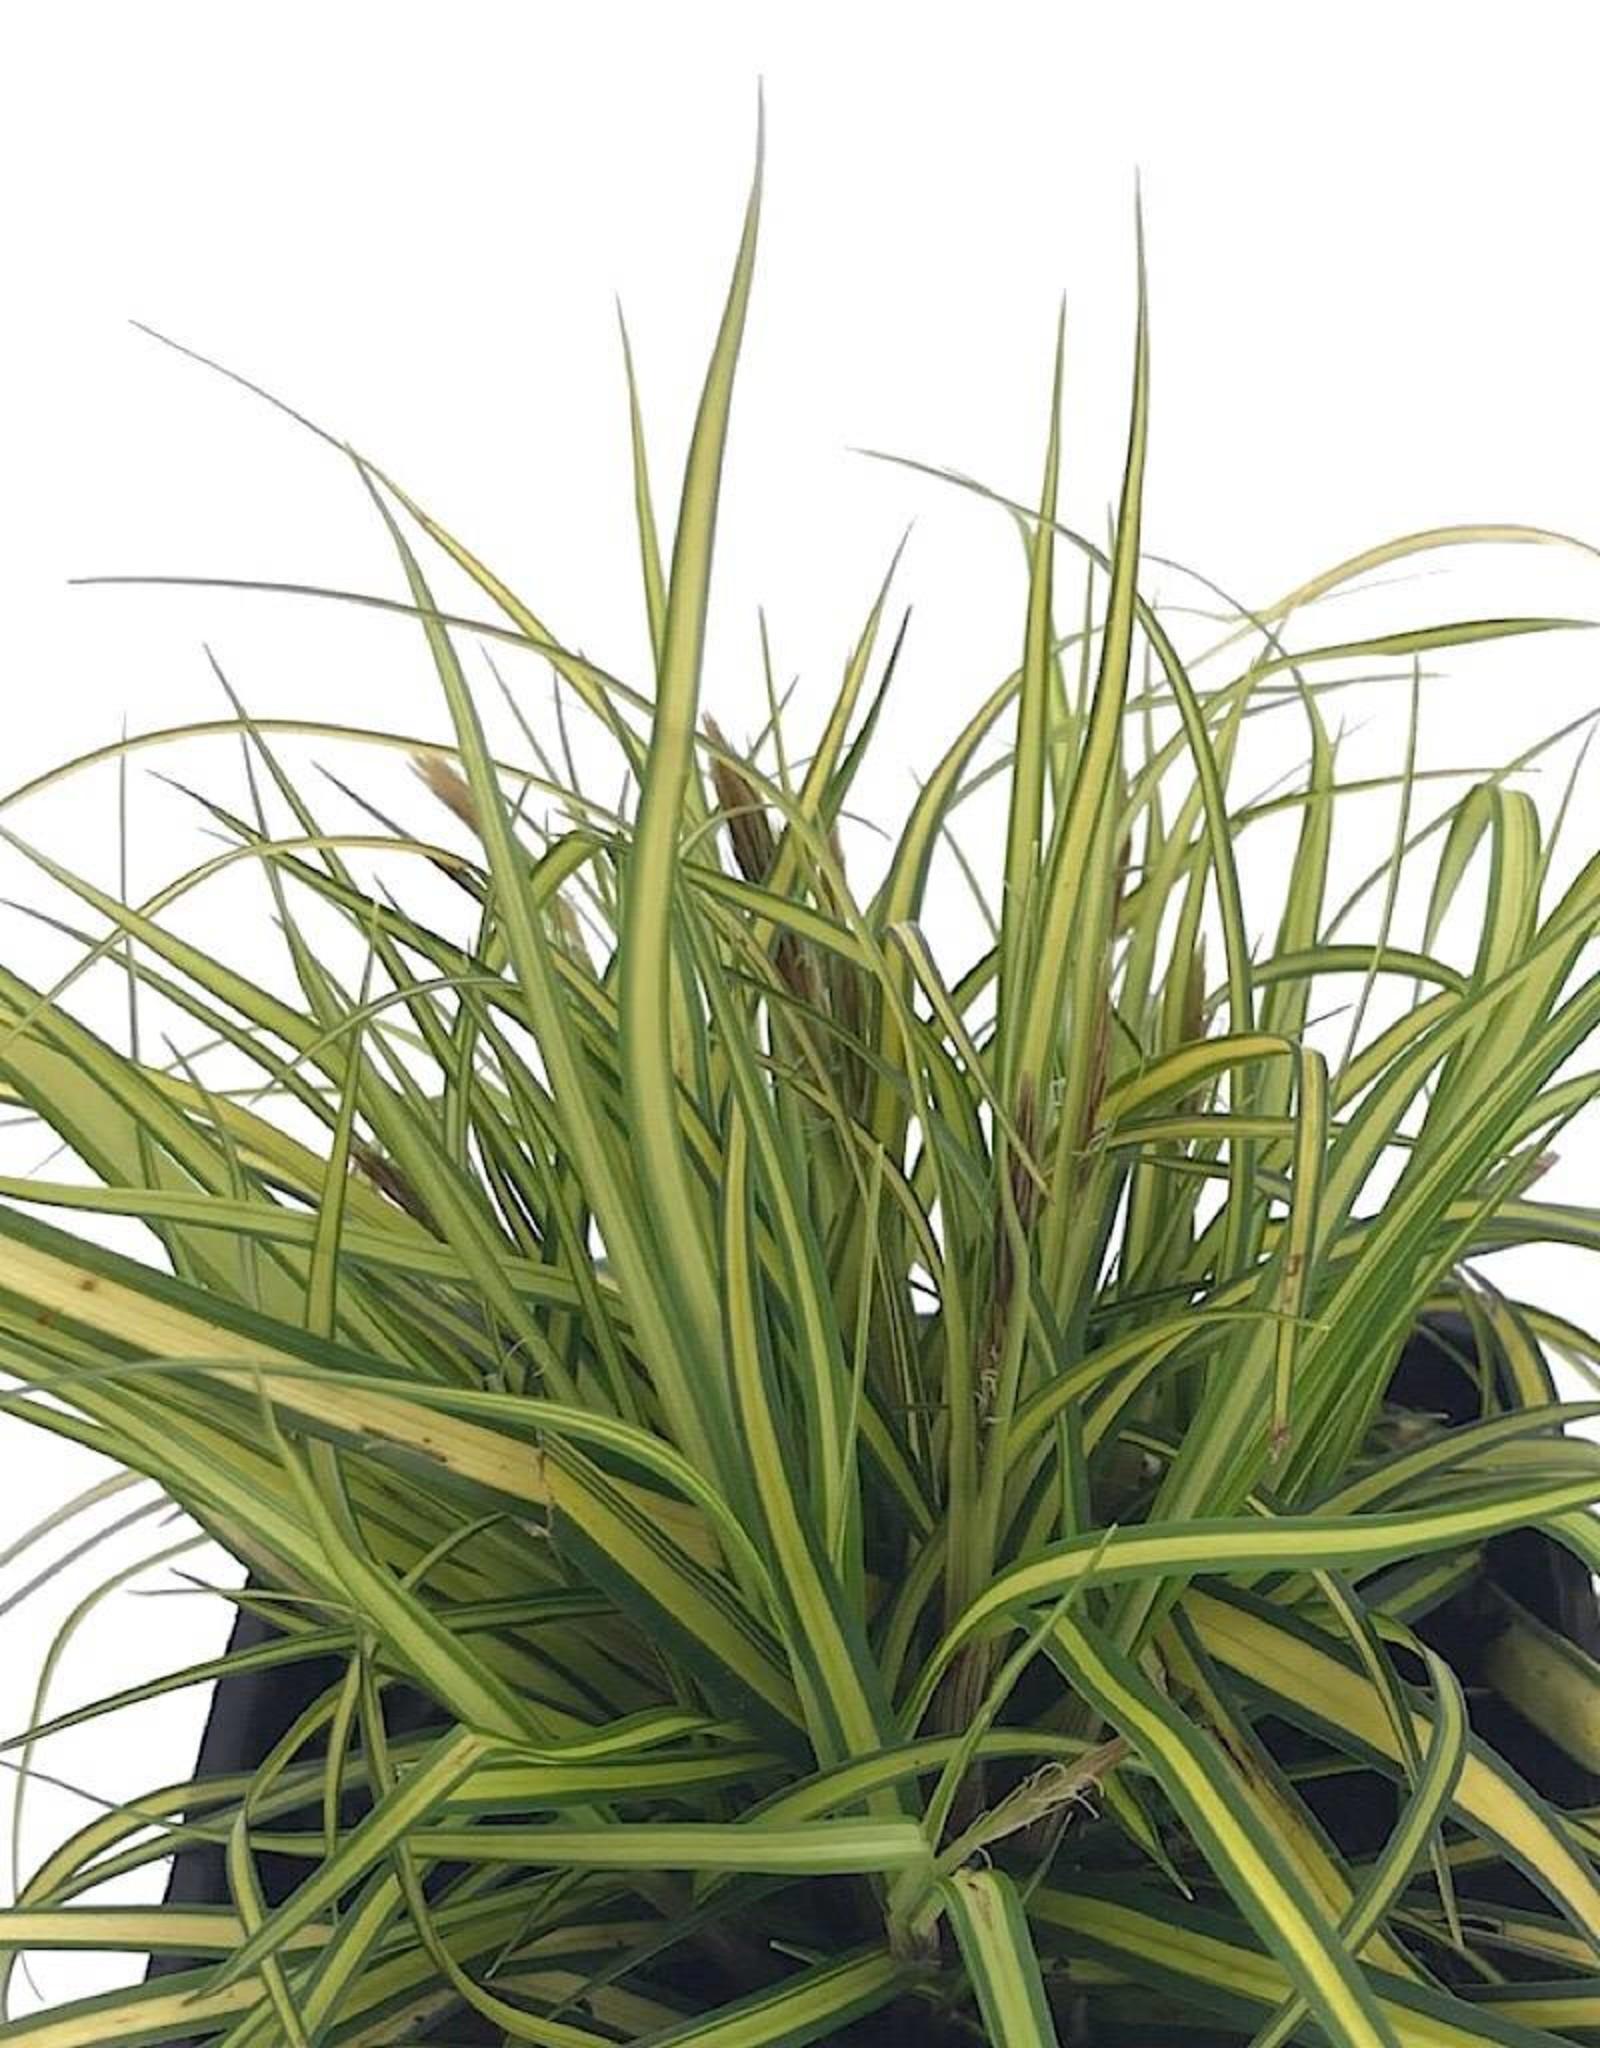 Carex o. 'EverColor Everillo' 4 inch